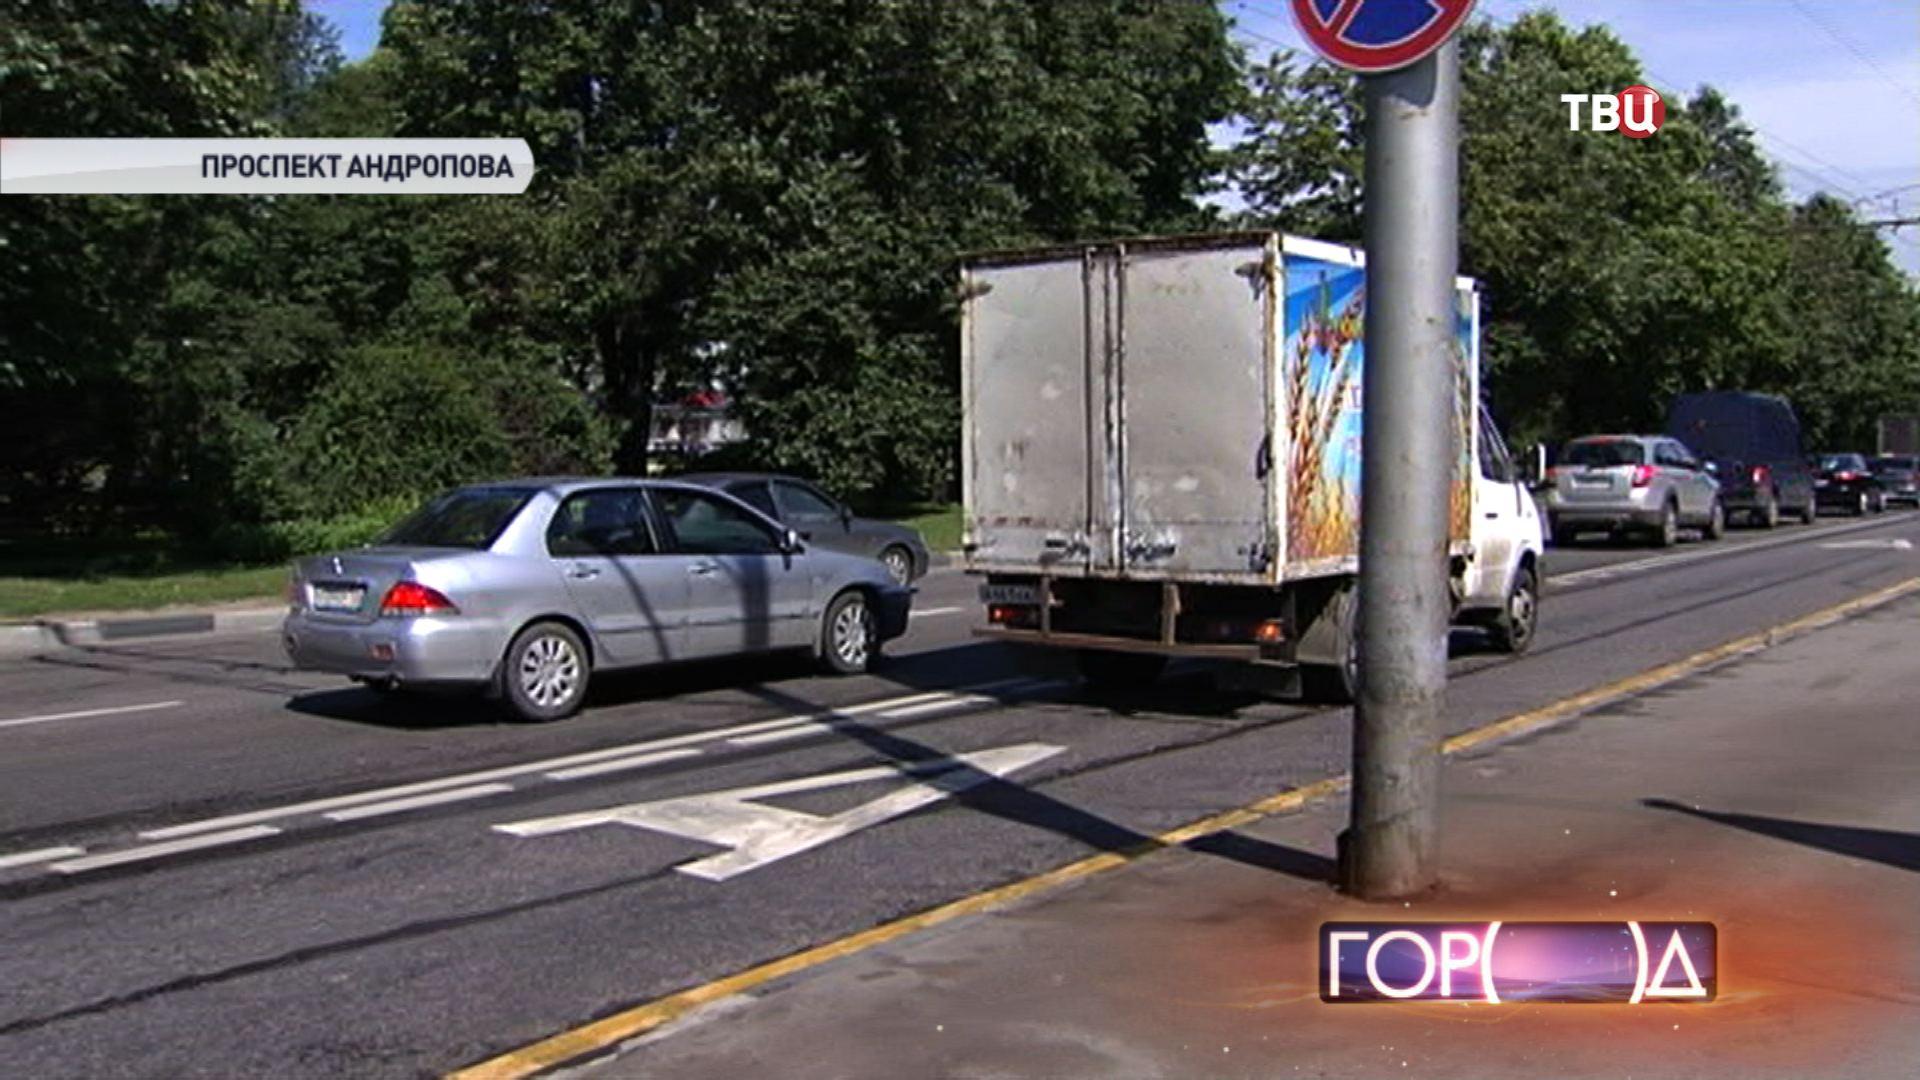 Машина едет по выделенной полосе для общественного транспорта